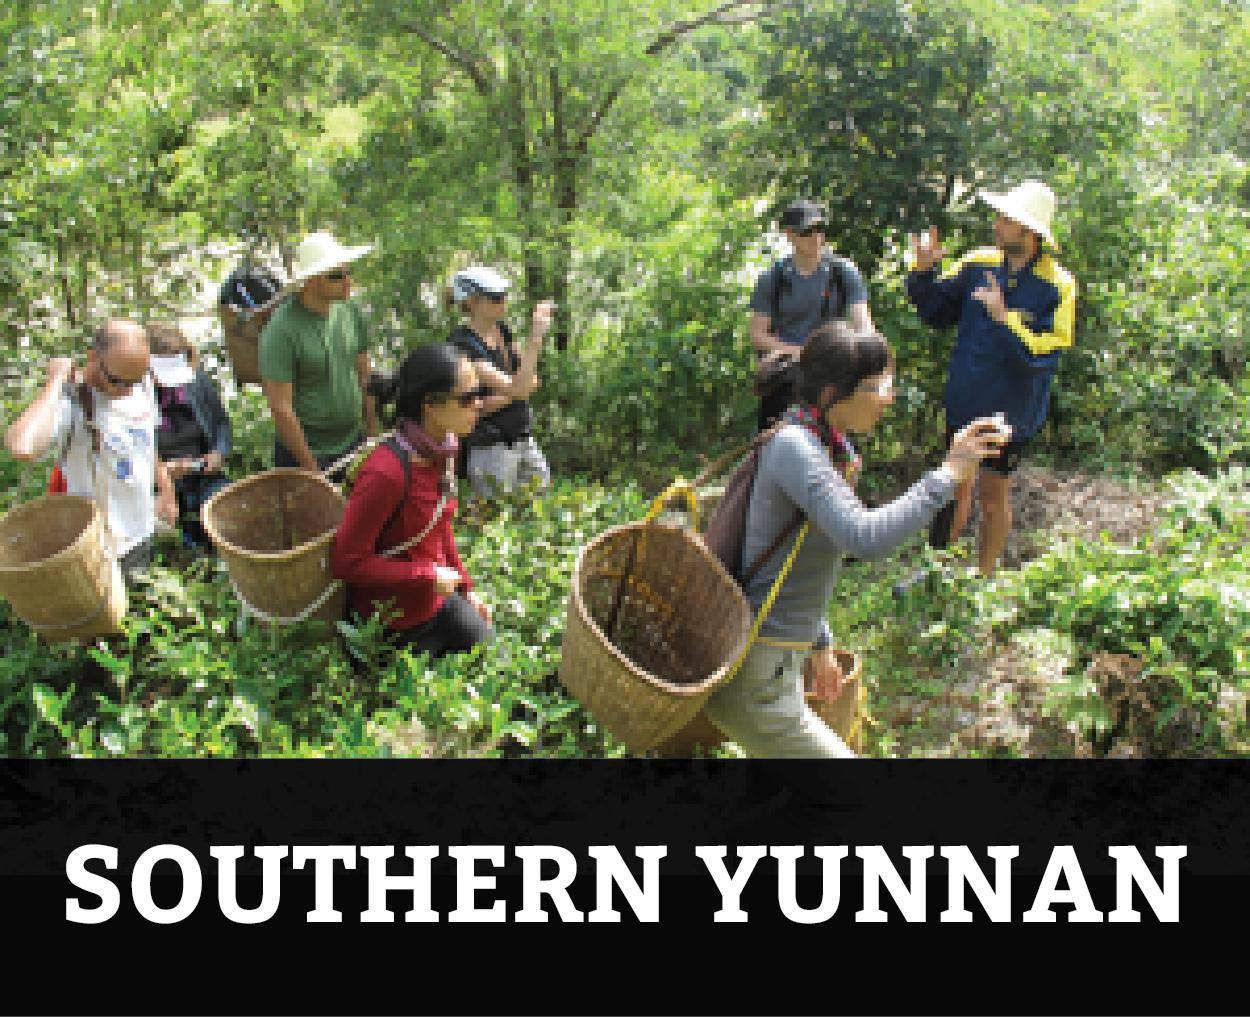 B4_southern yunnan